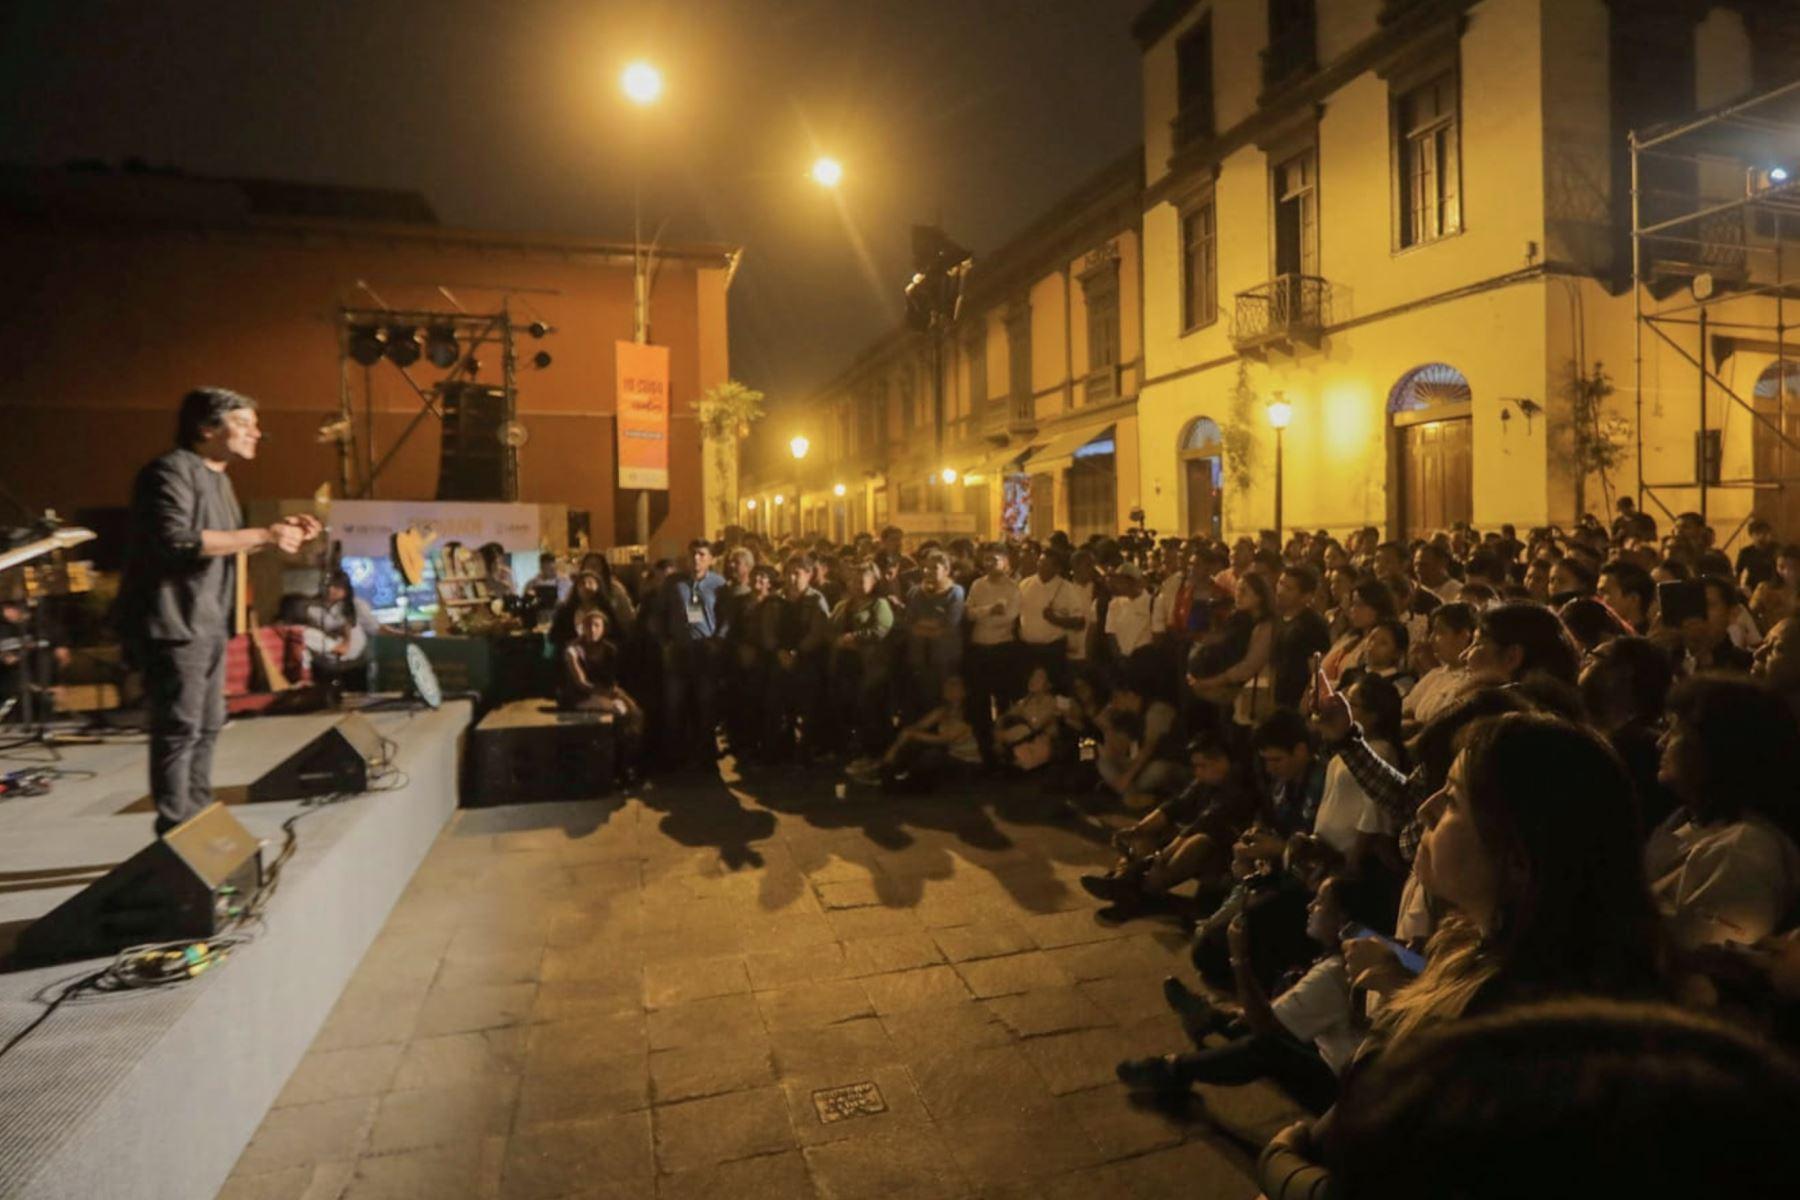 """Lima disfrutó de """"La Noche del Vraem"""" con música, danza y degustación de café y cacao. El evento fue organizado por la Comisión Nacional para el Desarrollo y Vida sin Drogas (Devida), en el marco de las actividades previas a la inauguración de la Expovraem 2019 Foto: DEVIDA"""